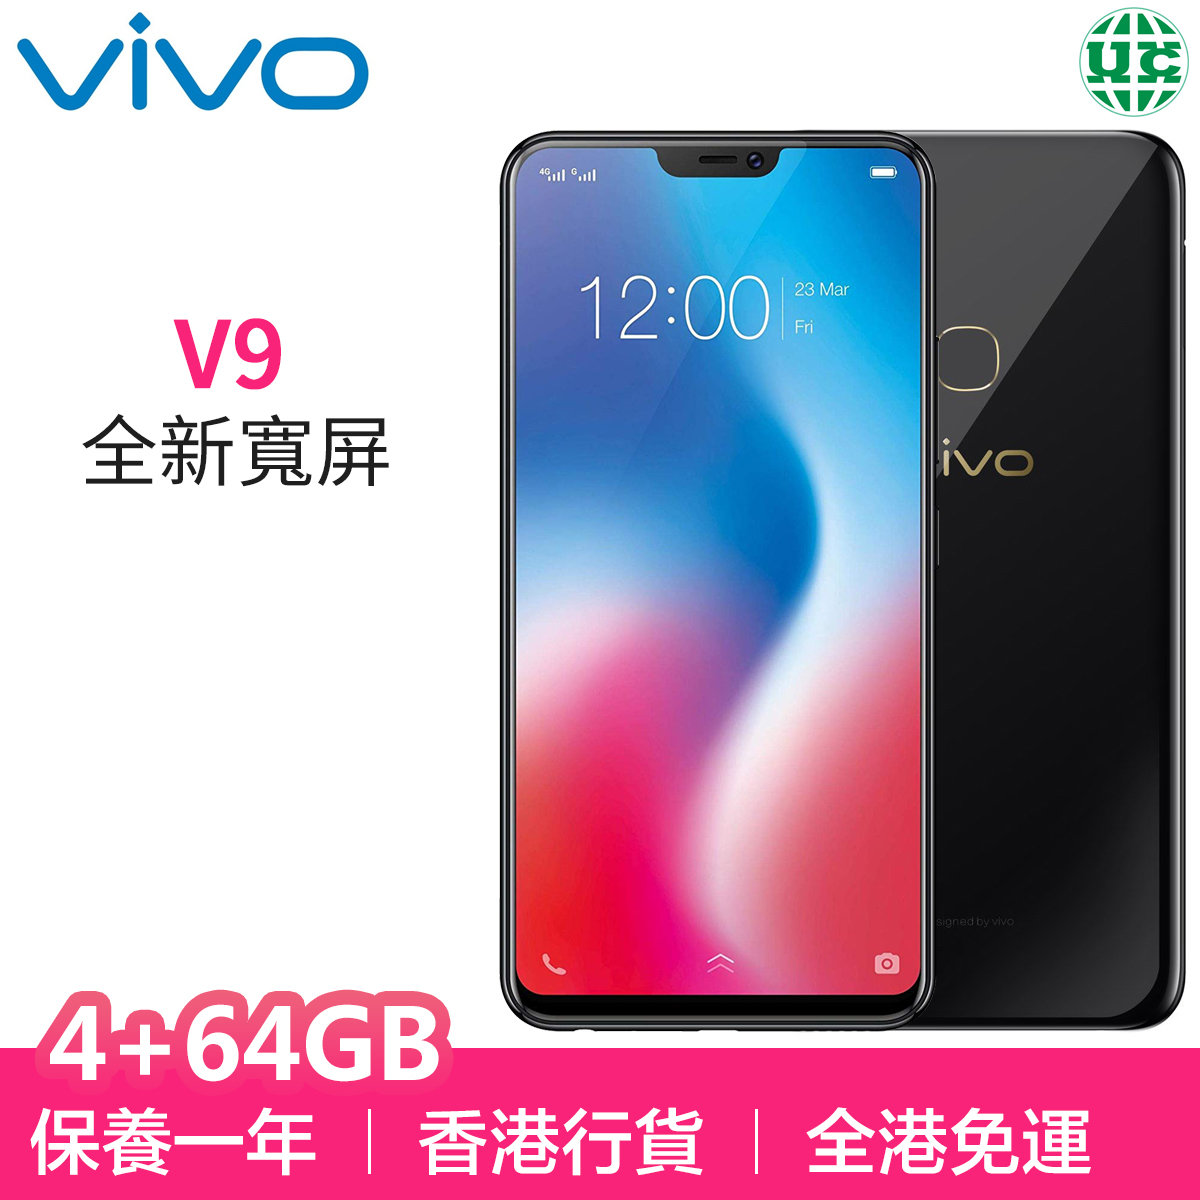 VIVO | V9 4+64GB full screen - black(Hong Kong licensed) | Color